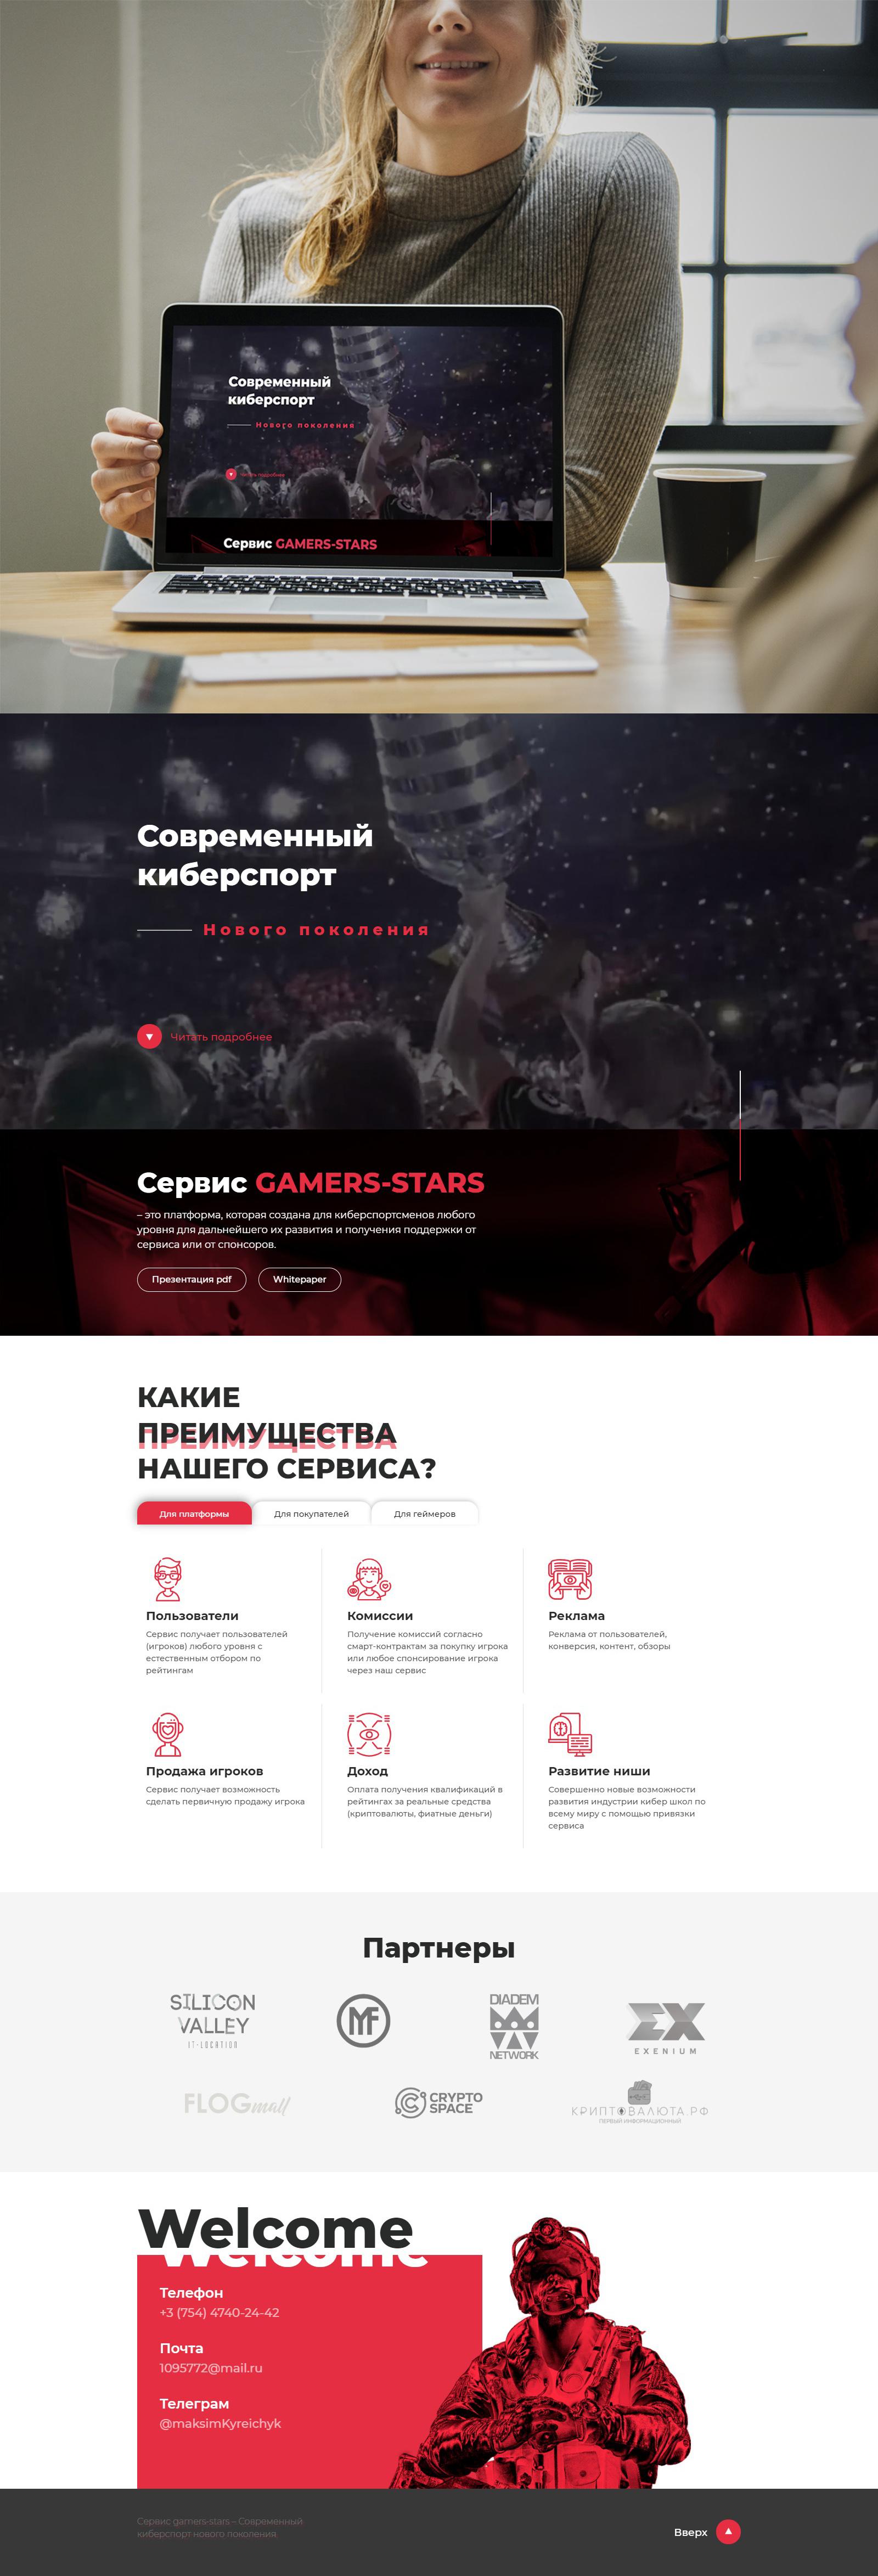 2018 год. Gamers-stars. landing page + Видеофон + CMS + ENG + Адаптивность (Планшет, телефон, широкоформатный)